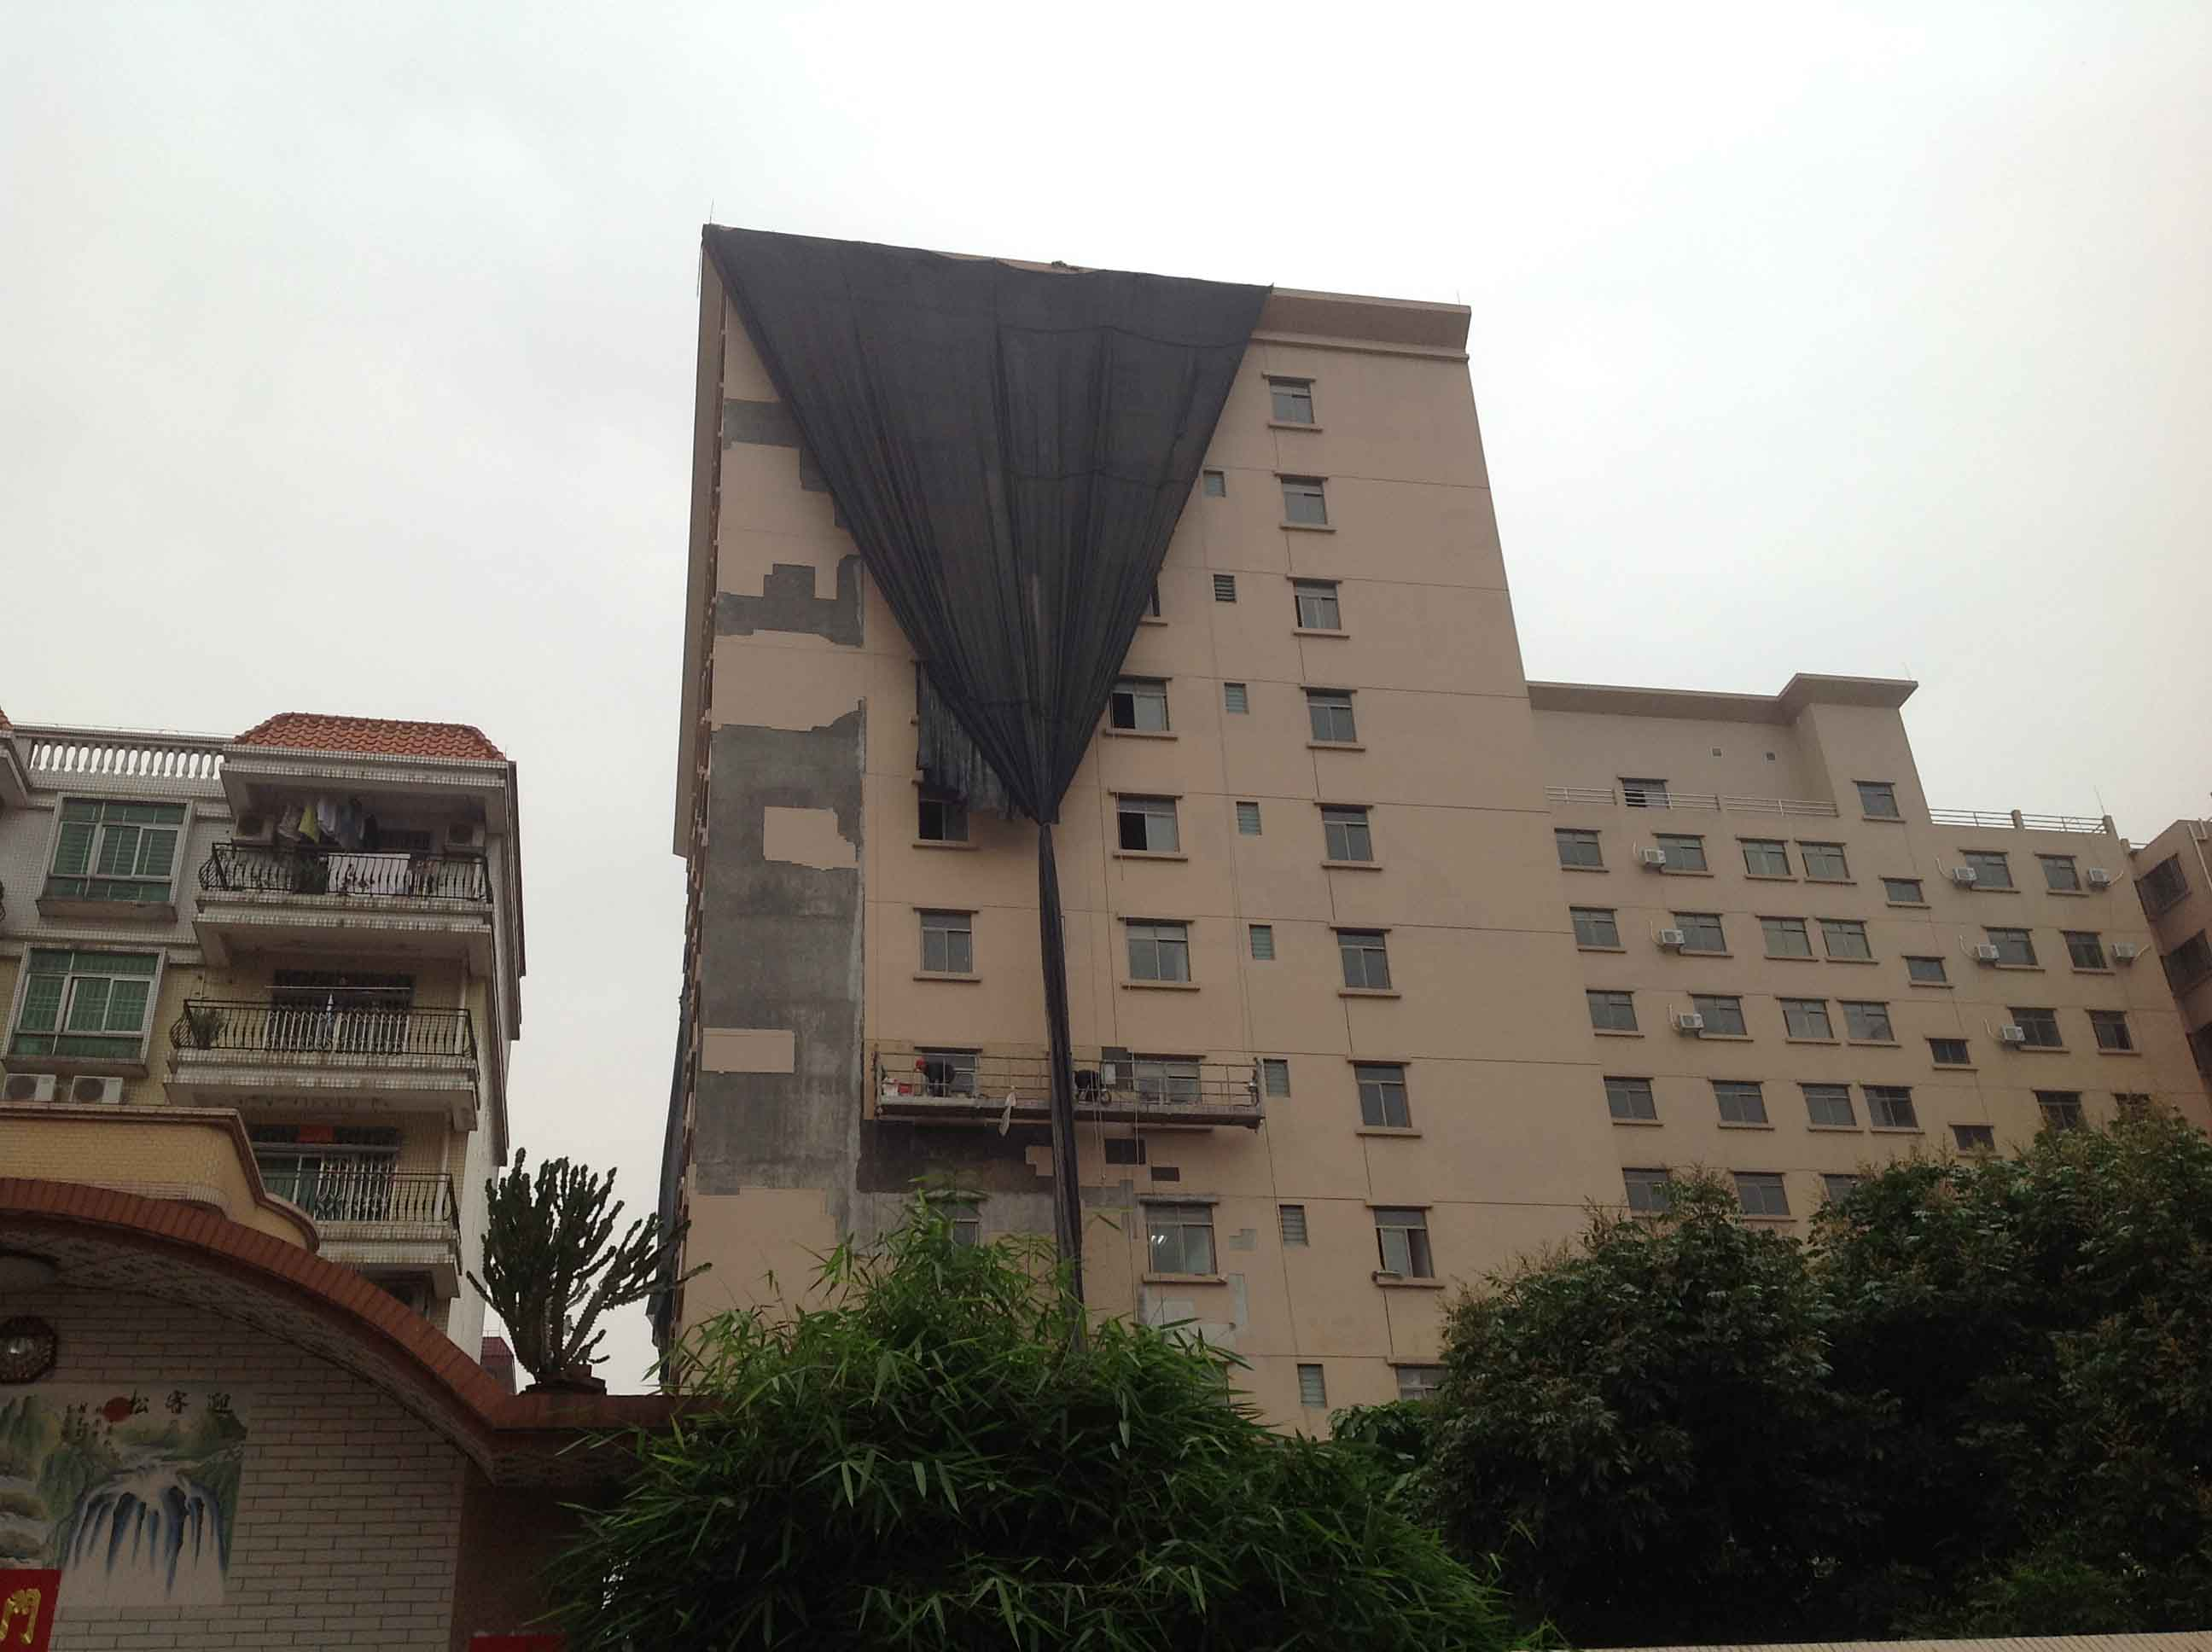 同城的外墙维修——广州外墙空鼓开裂脱落维修服务公司推荐